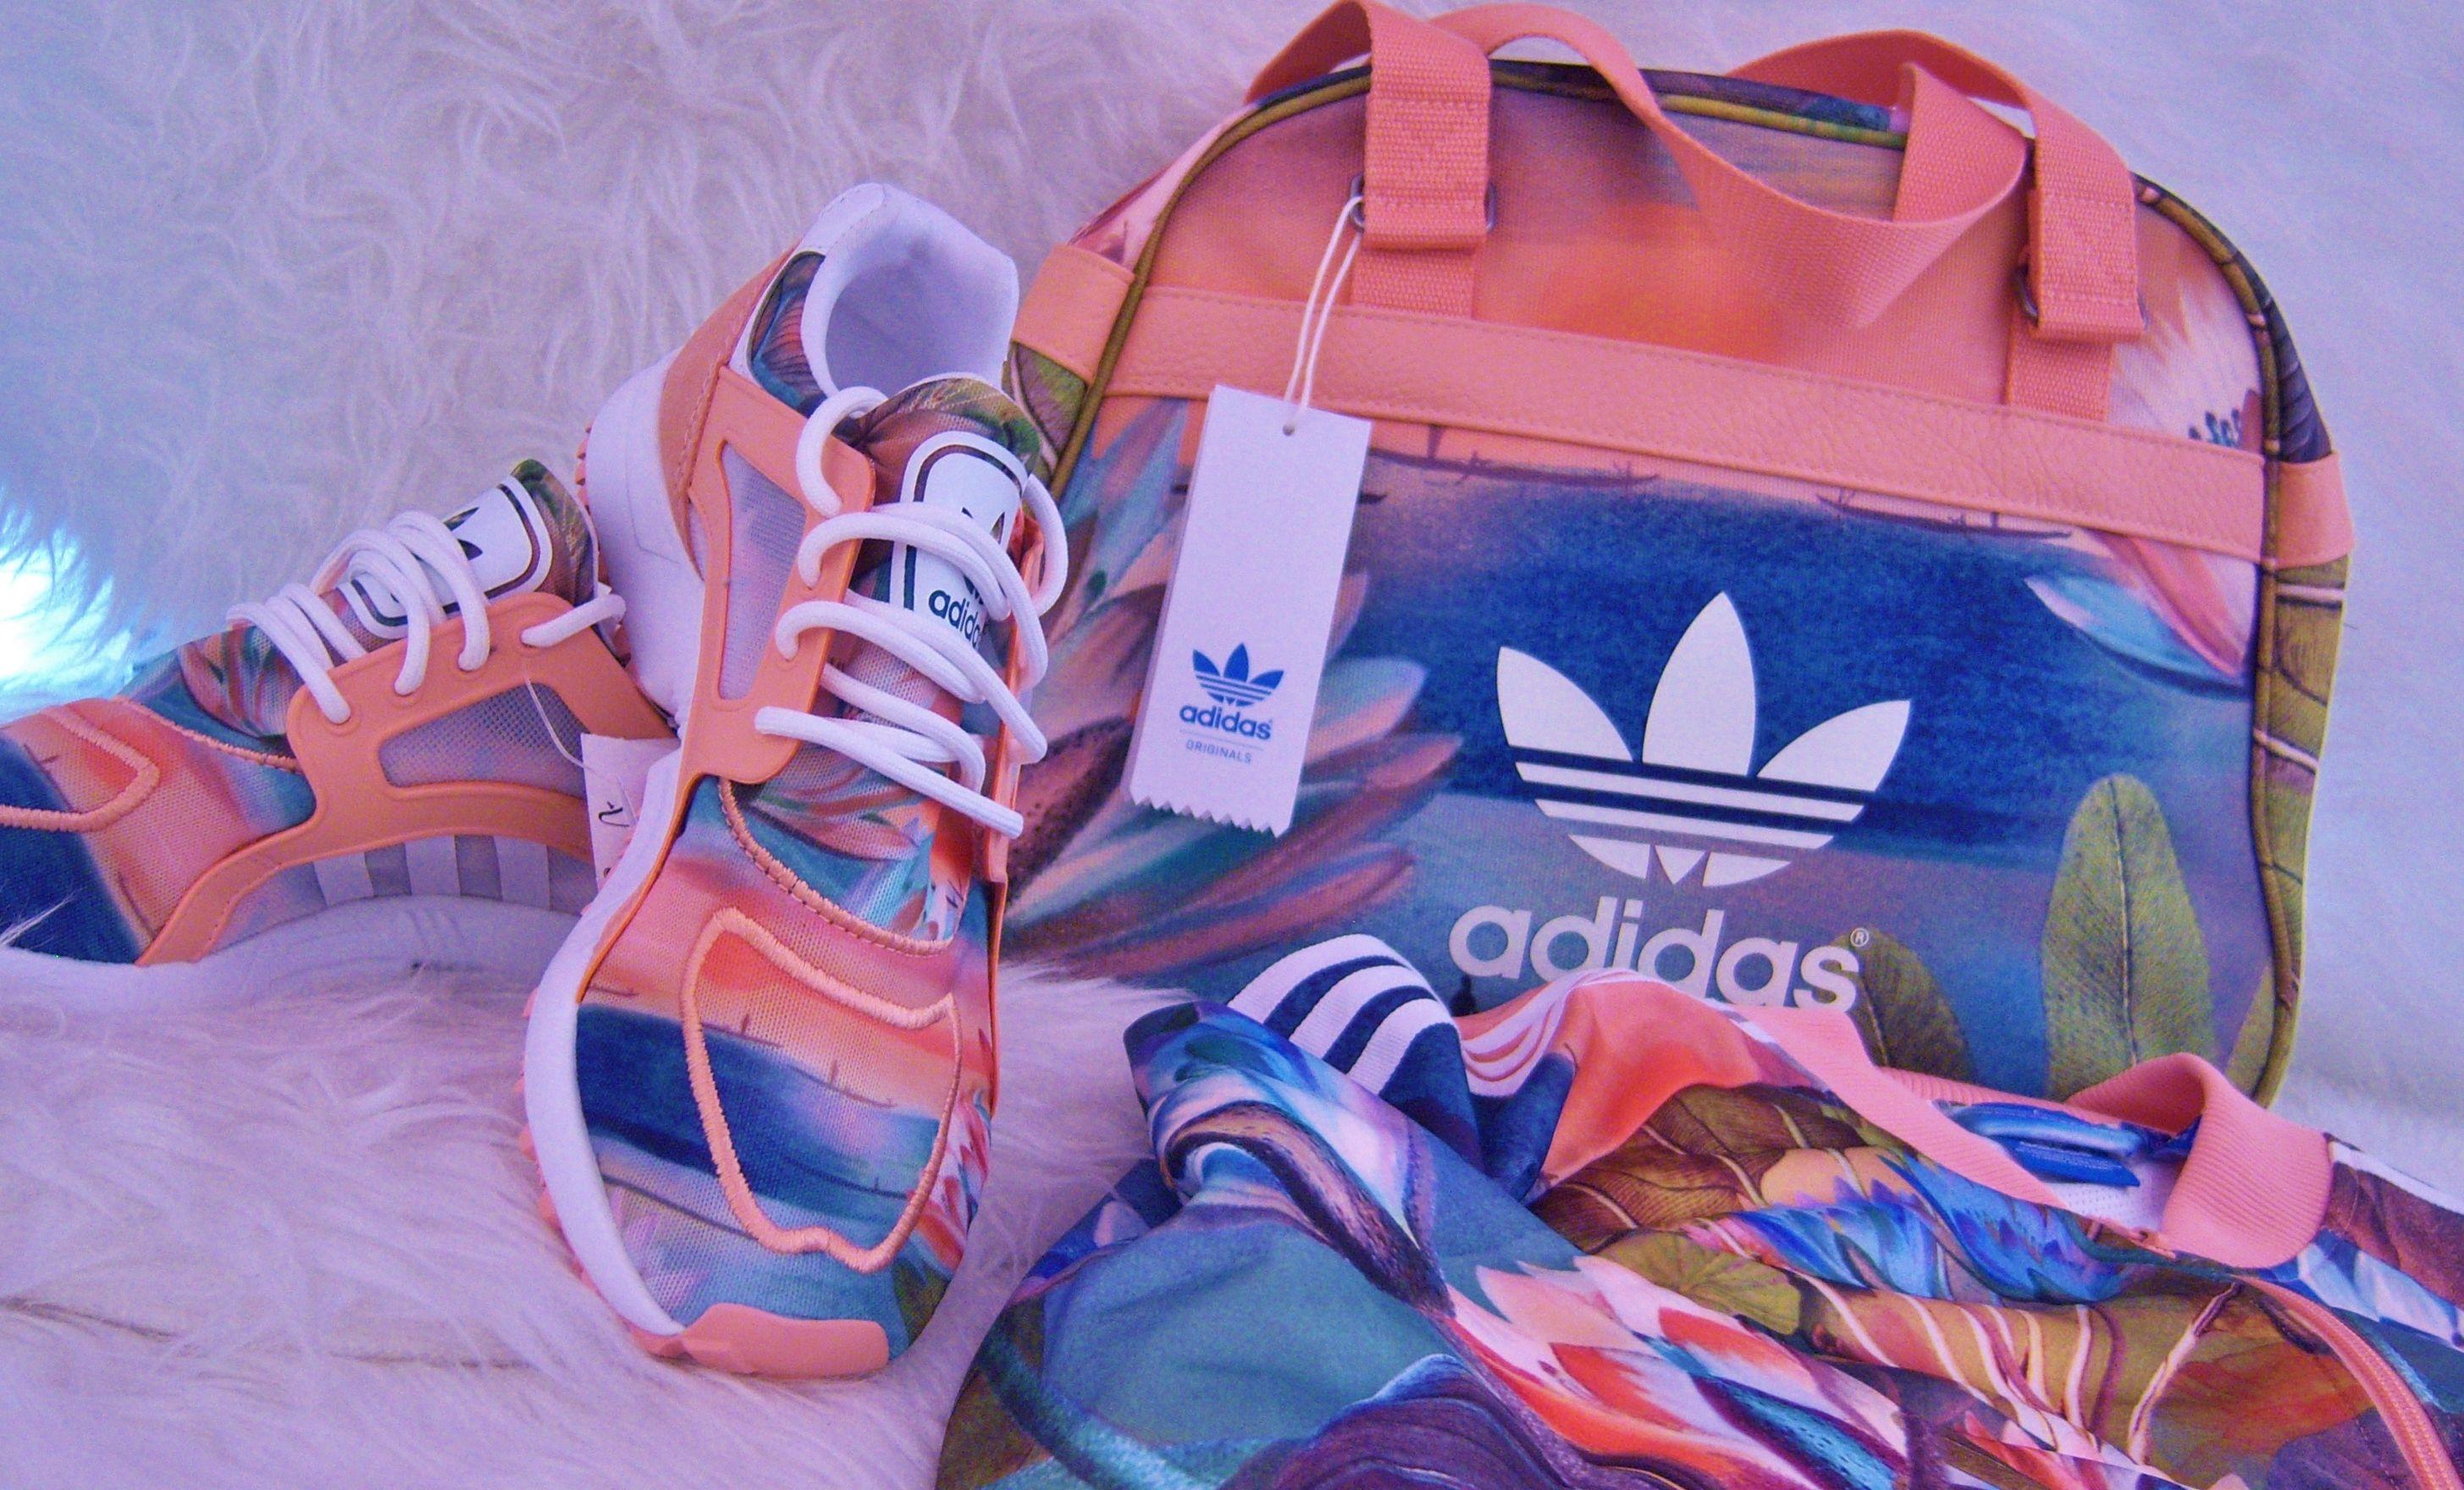 zapatillas adidas de verano 2015